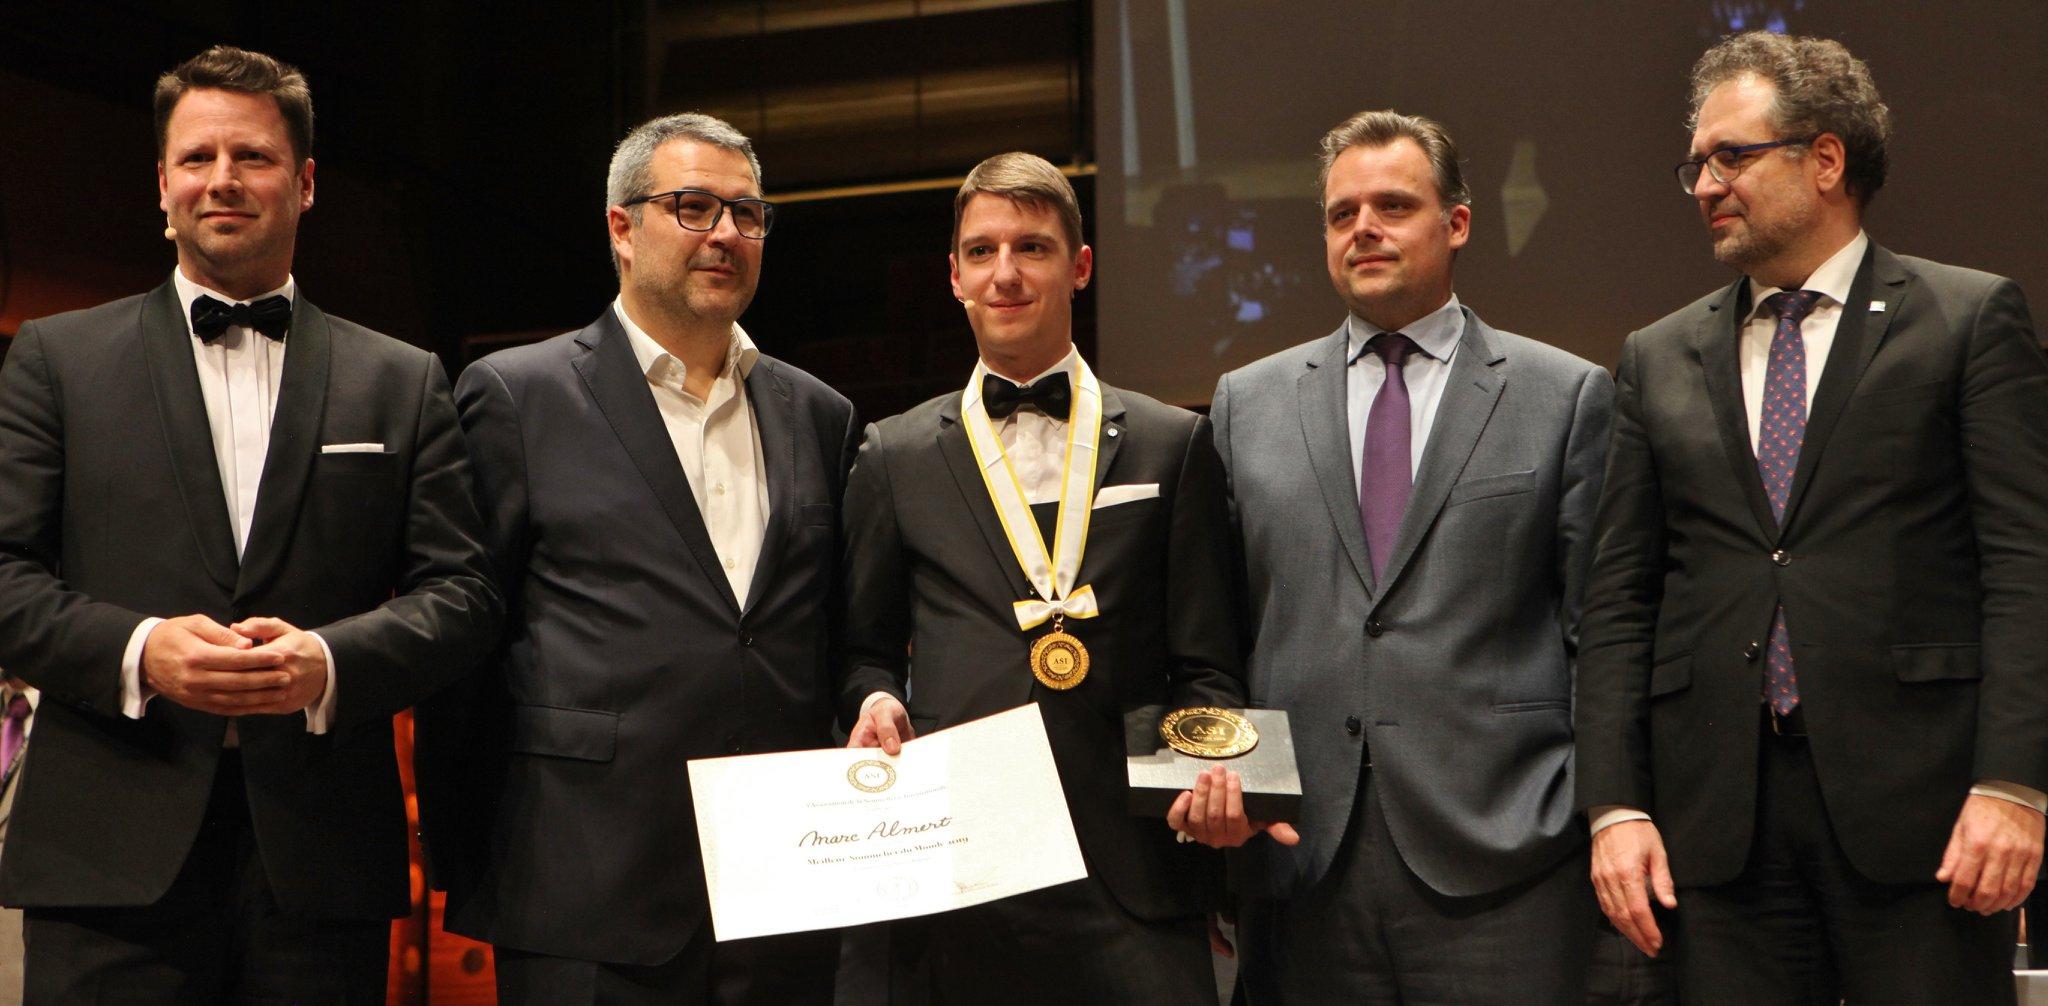 Marc Almert élu Meilleur Sommelier du Monde 2019